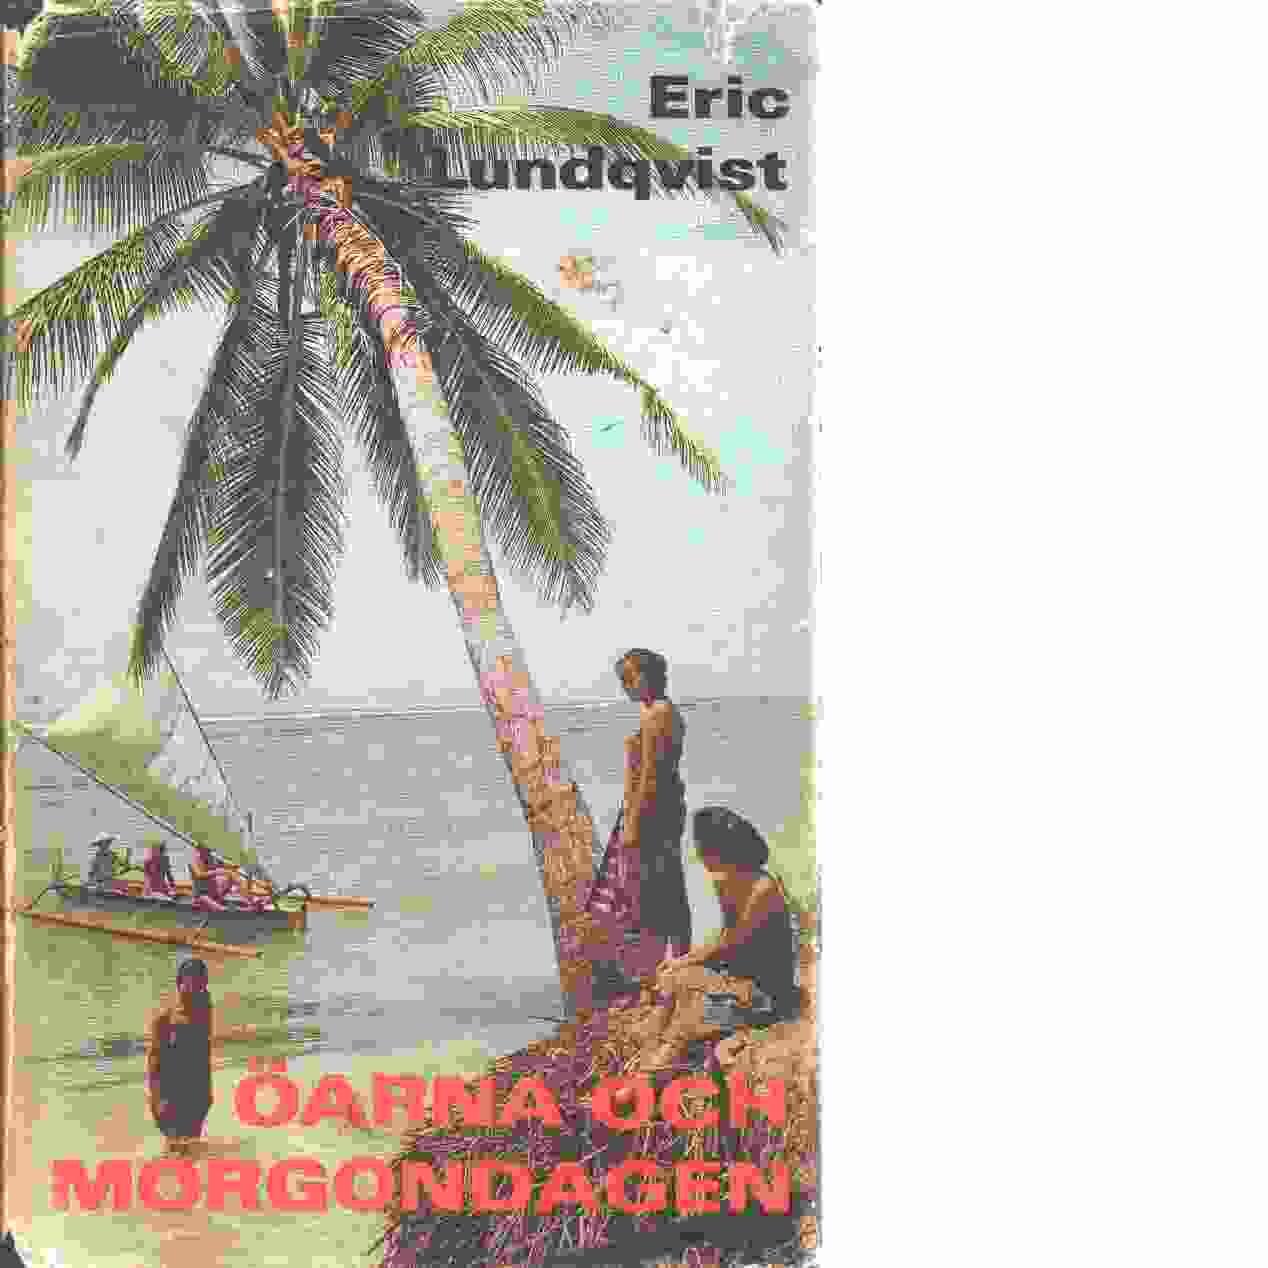 Öarna och morgondagen - Lundqvist, Eric